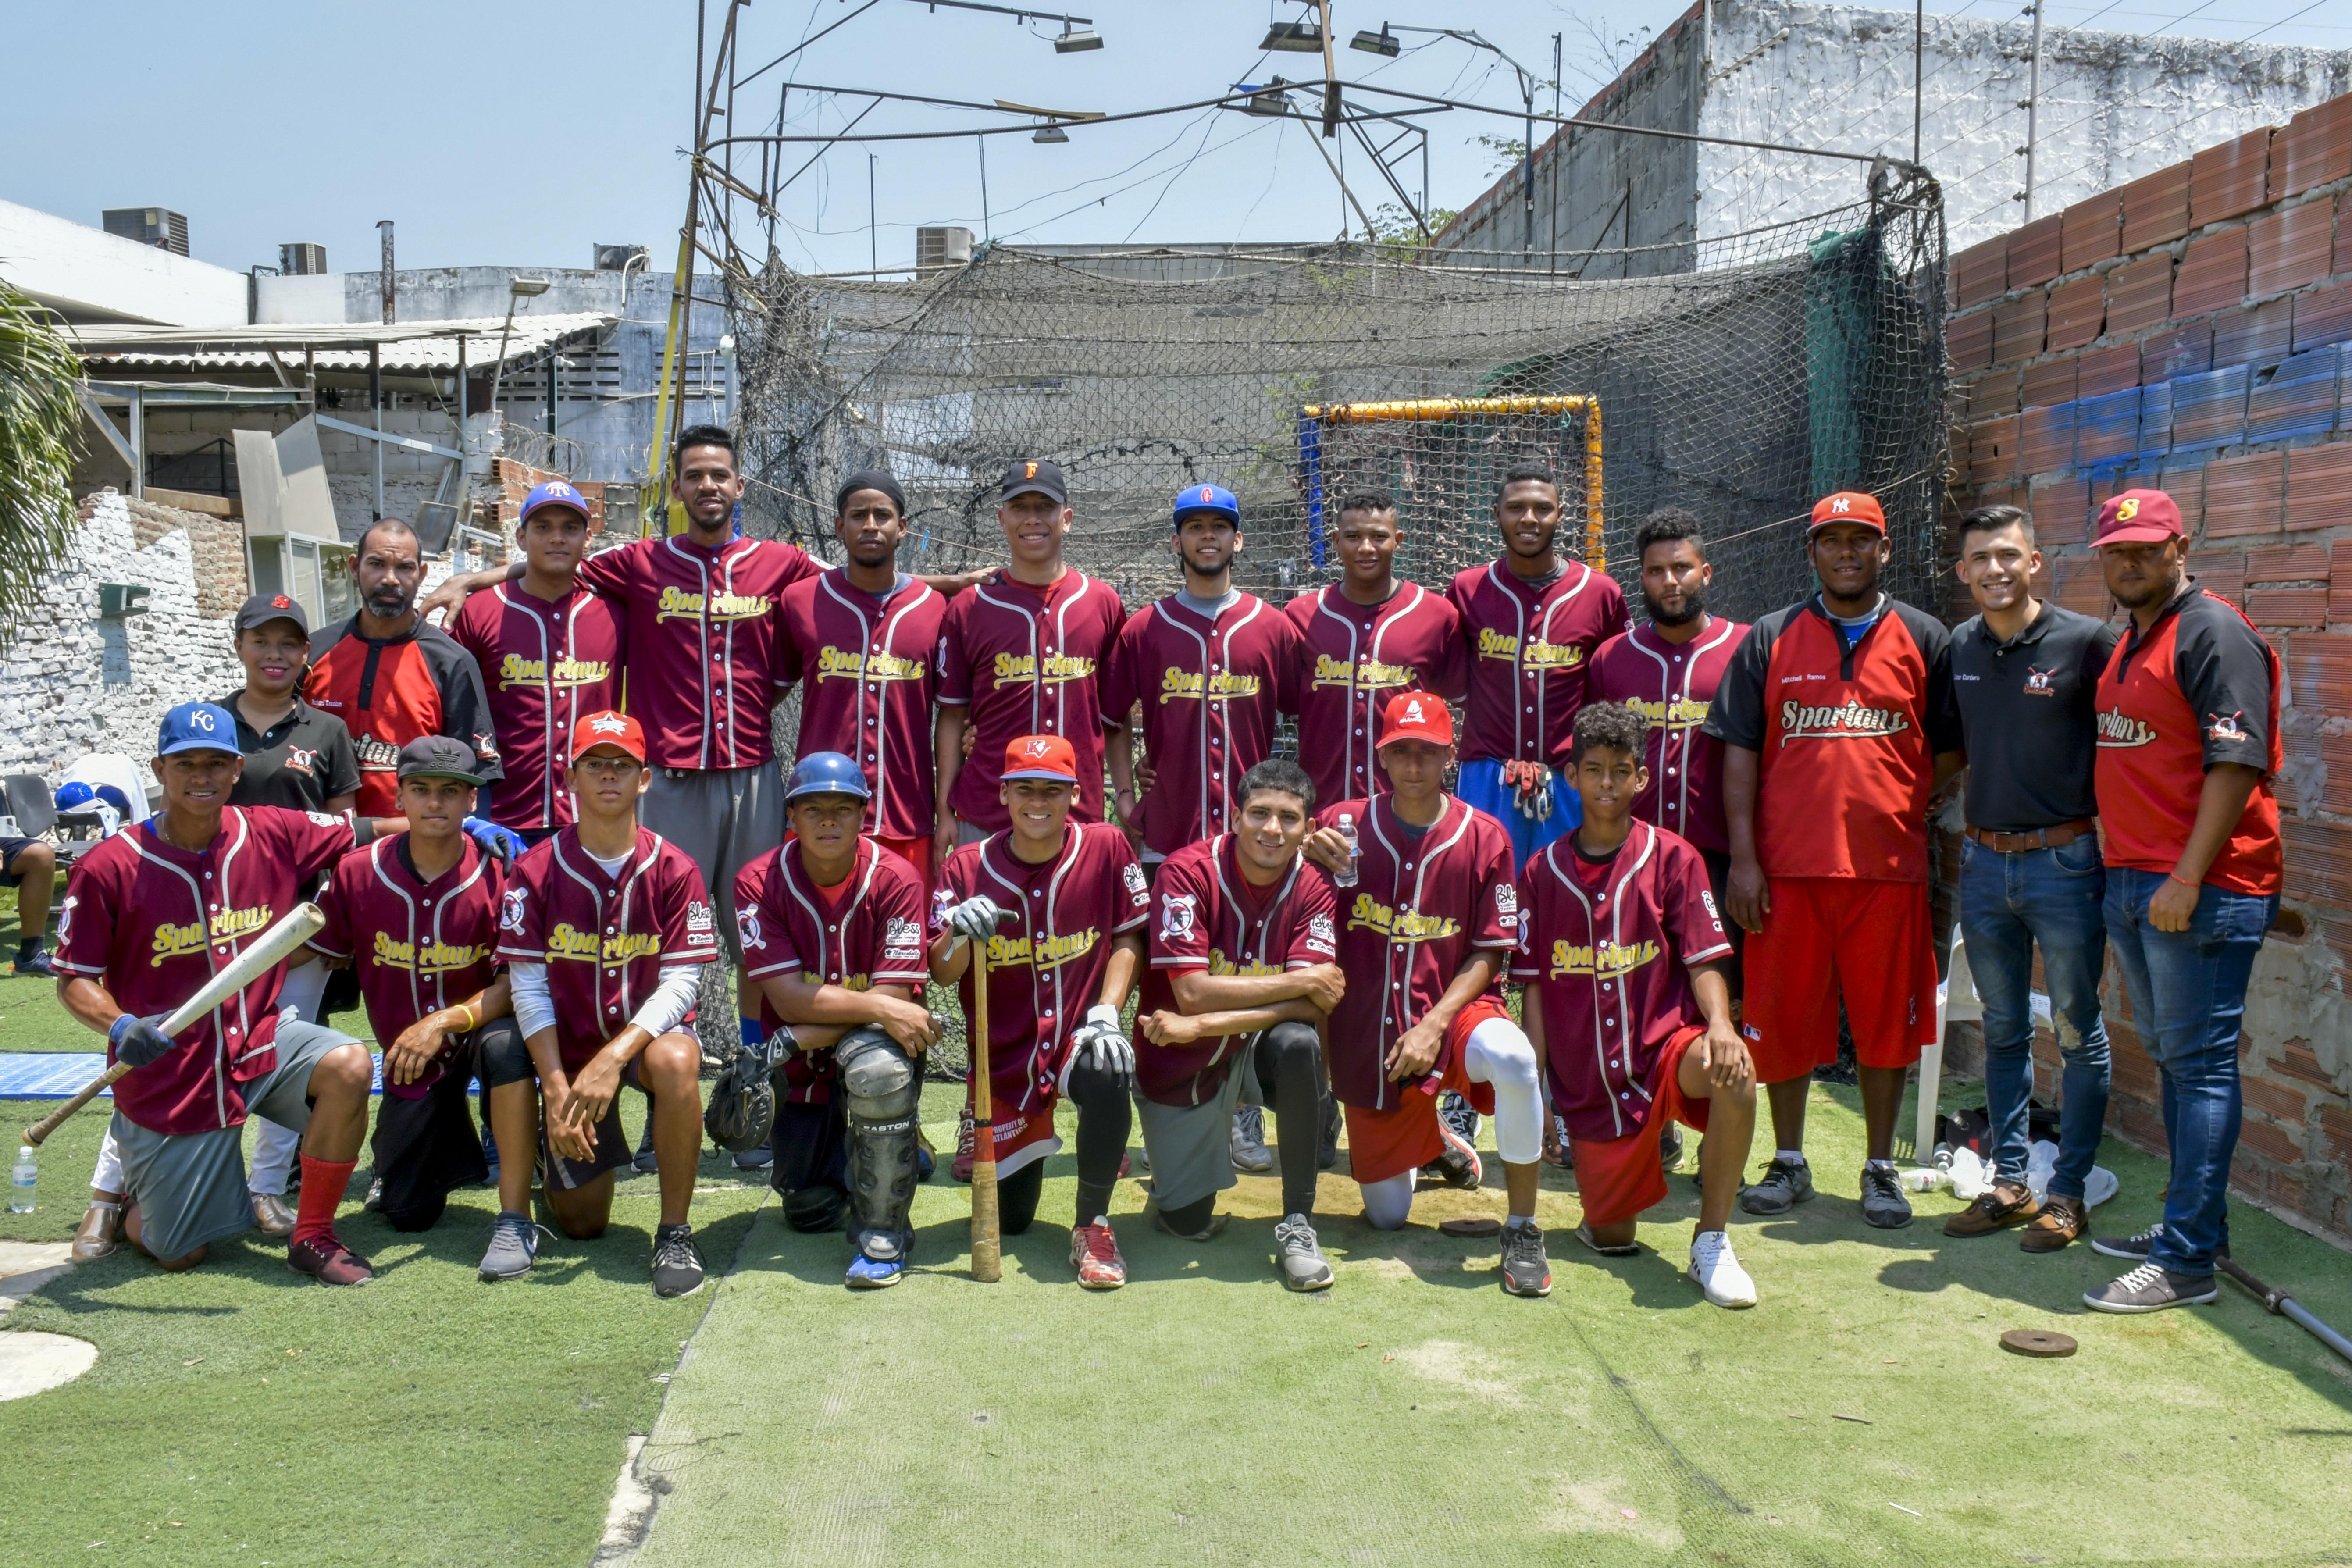 Parte de la delegación de los Spartans entrenando en el Barrio Abajo de Barranquilla.